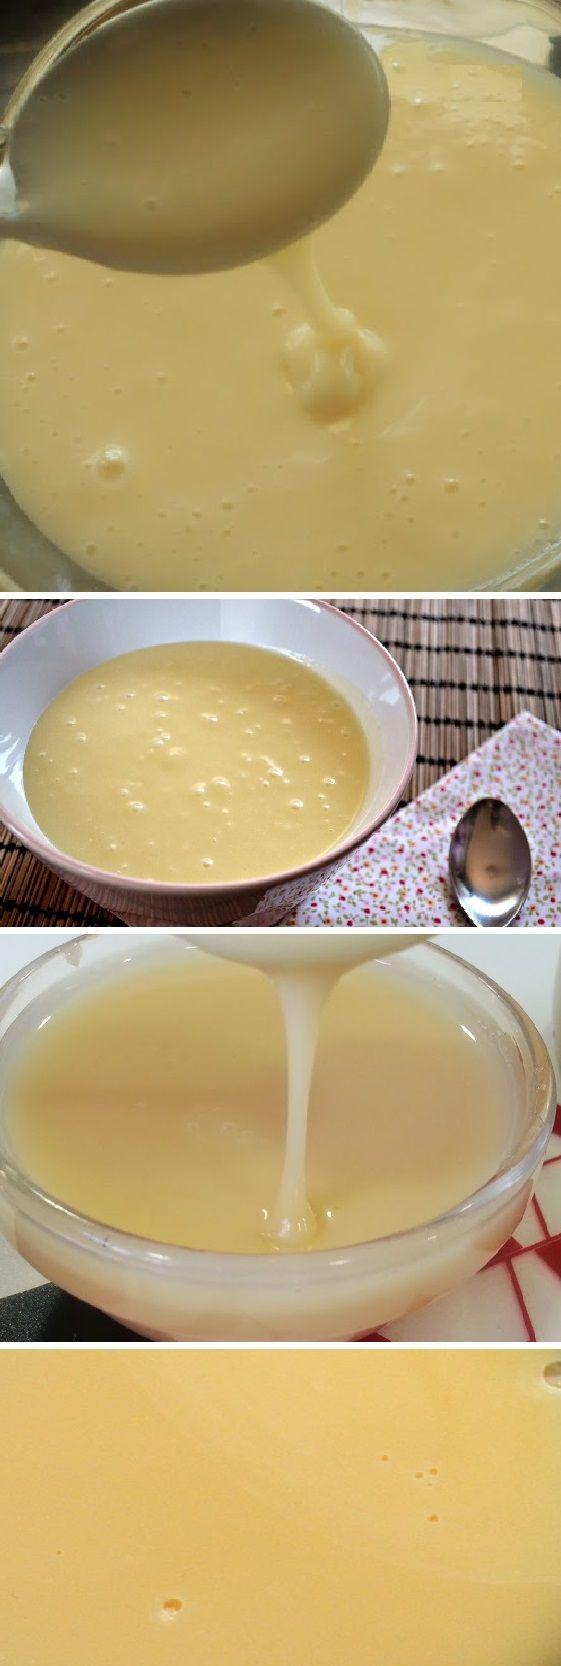 Cómo Hacer leche condensada casera con solo 3 ingredientes, Si te gusta dinos HOLA y dale a Me Gusta  #receta #recipe #cocina #nestlecocina   Aquí te dejamos la receta, muy sencilla, para preparar una leche condensada casera...